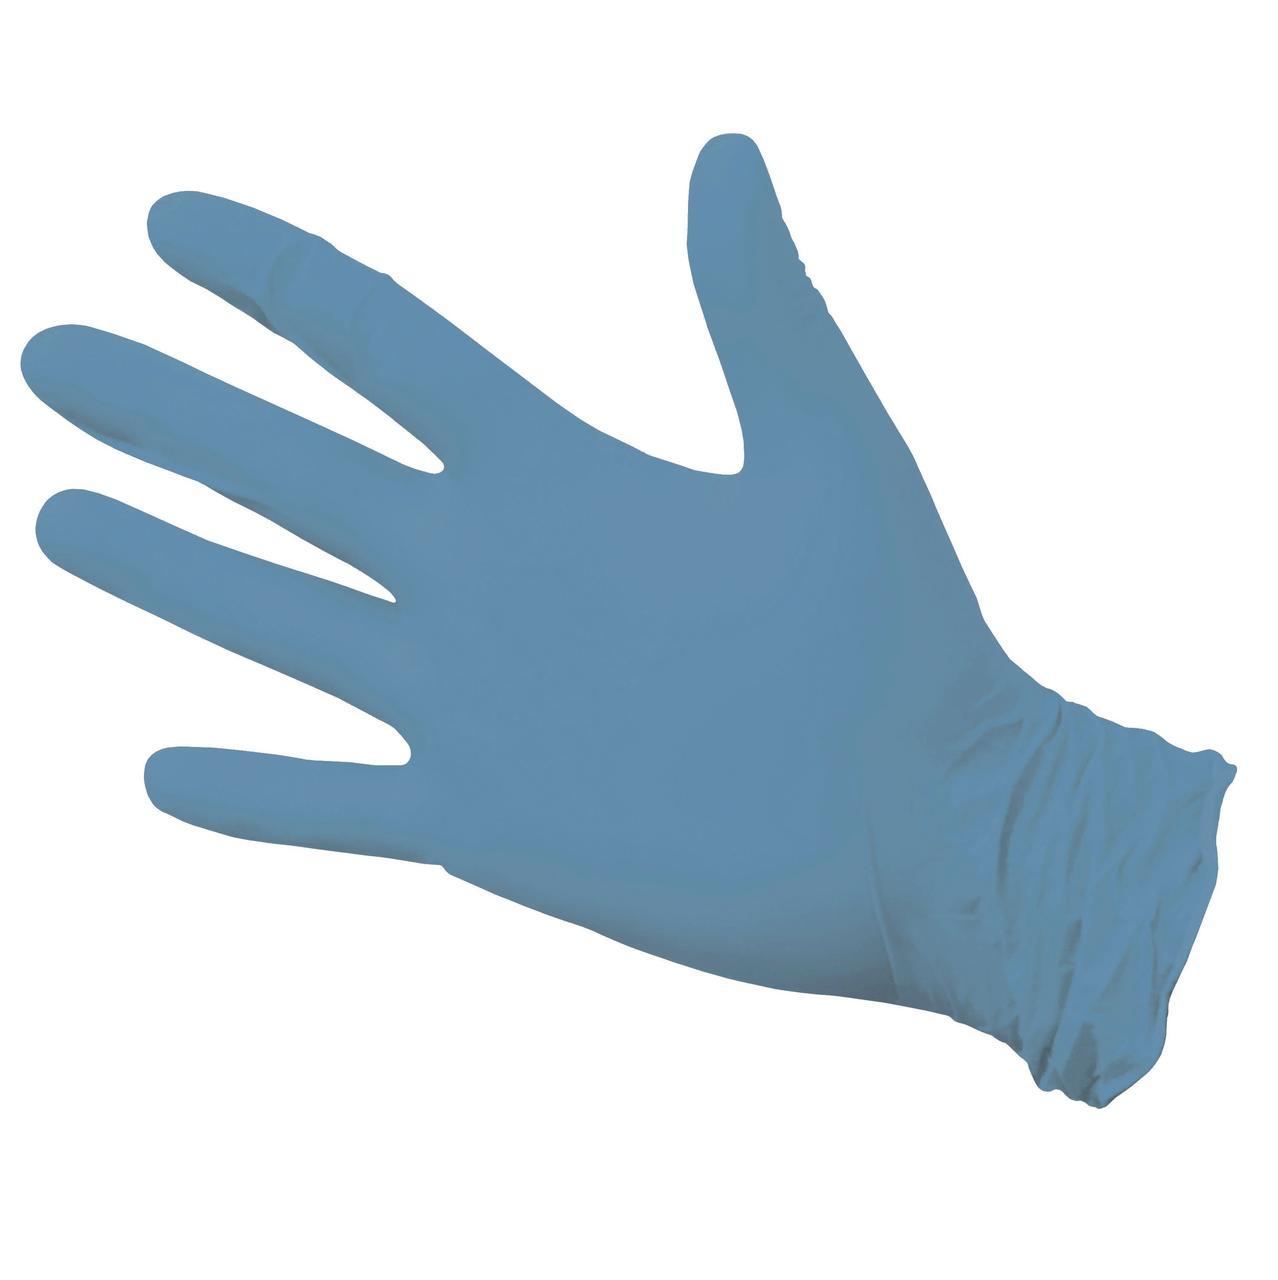 Перчатки нитриловые неопудр. NitriMax р-р L, голубые, 50 шт